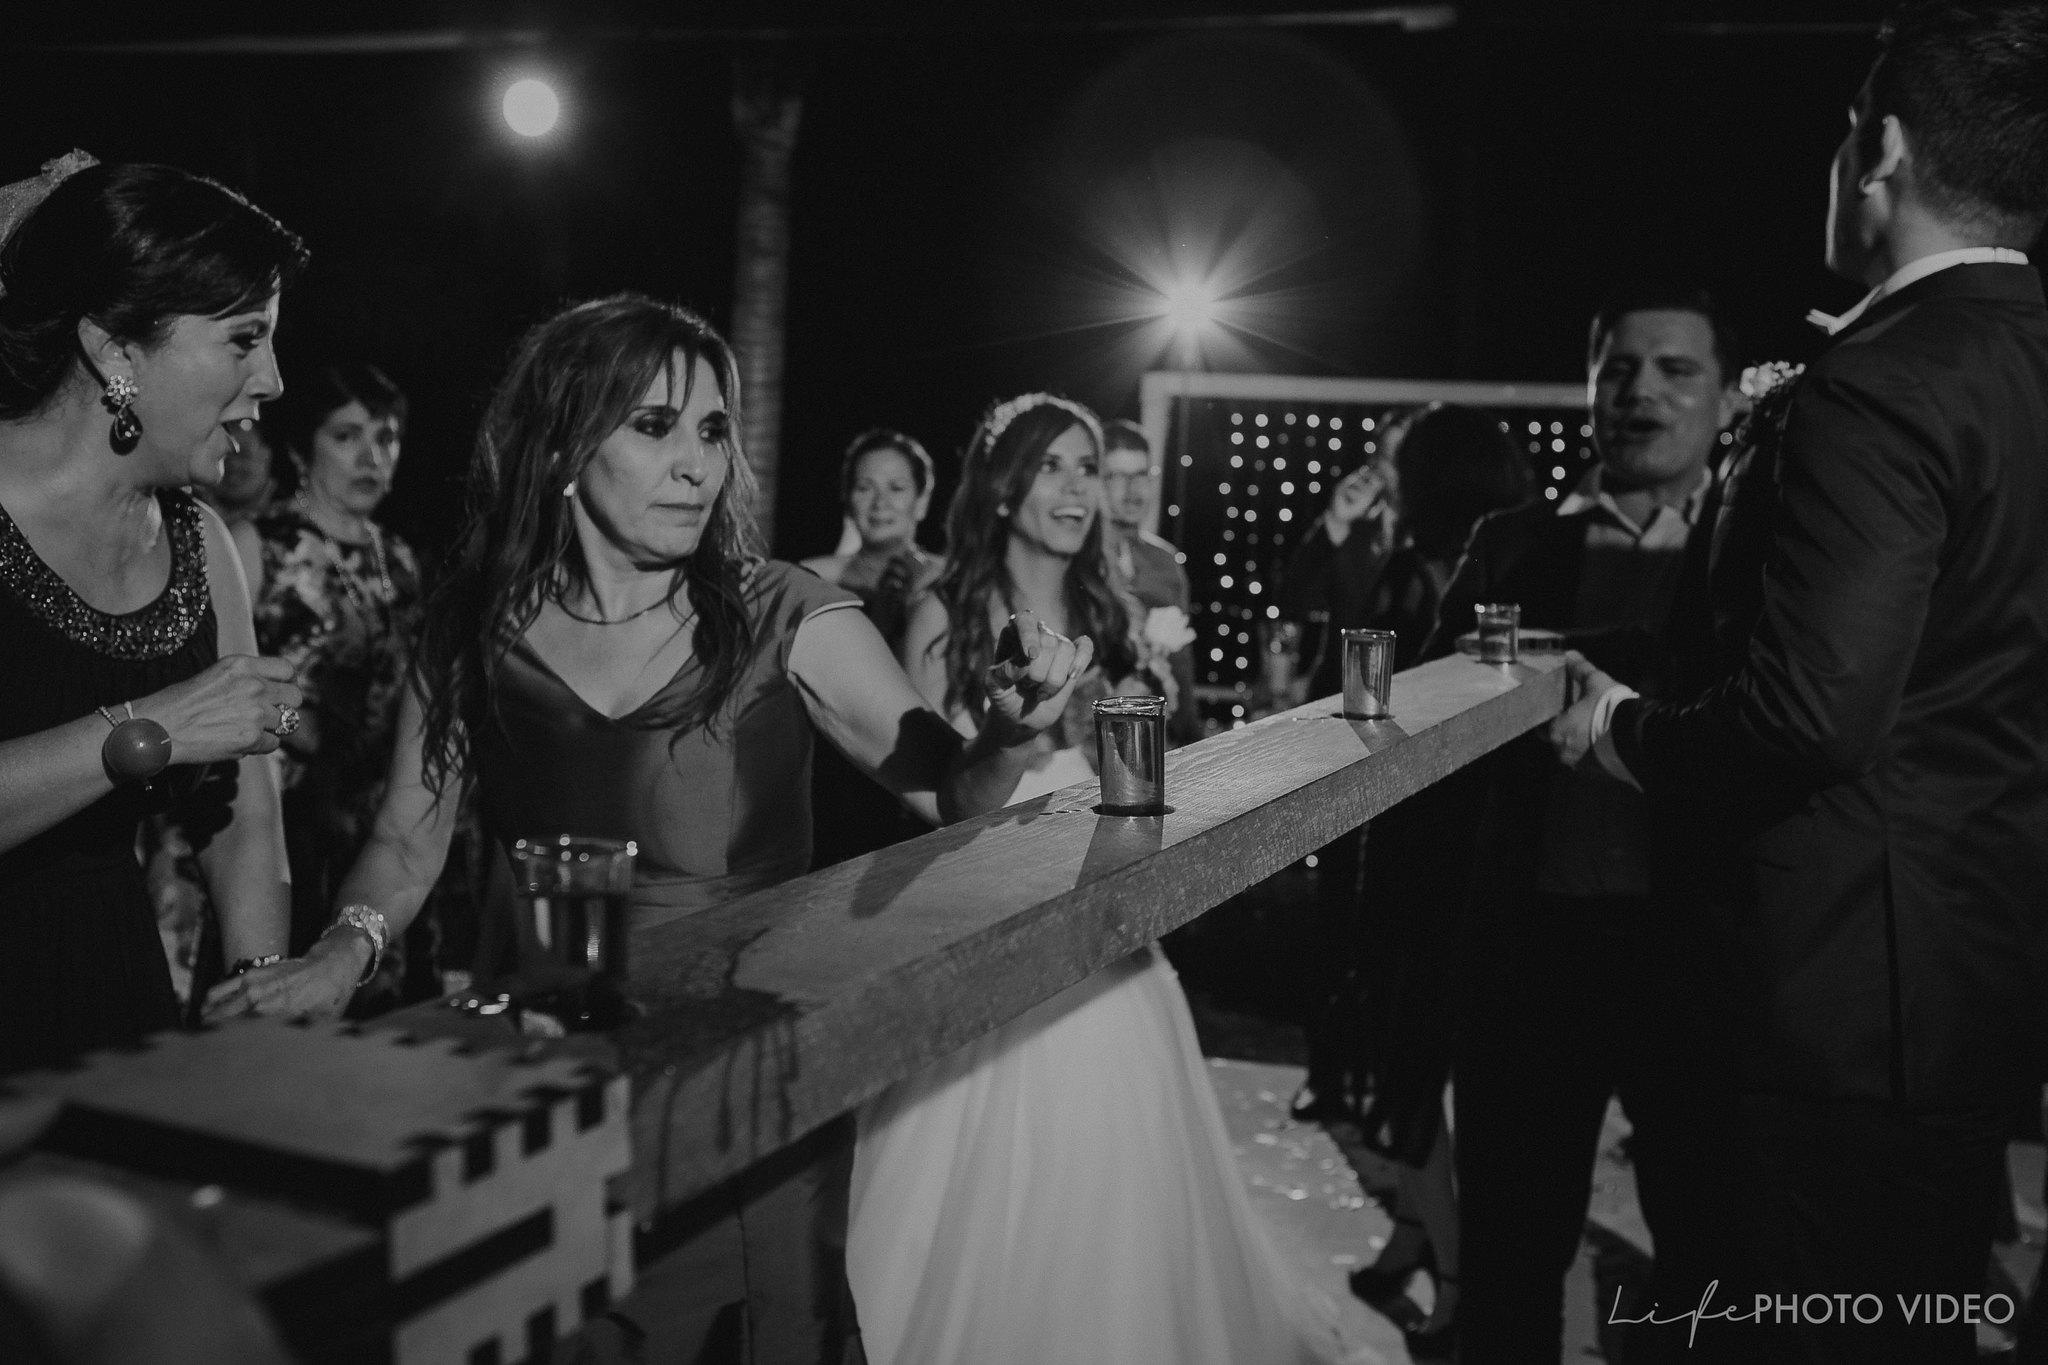 Boda_LeonGto_Wedding_LifePhotoVideo_0067.jpg